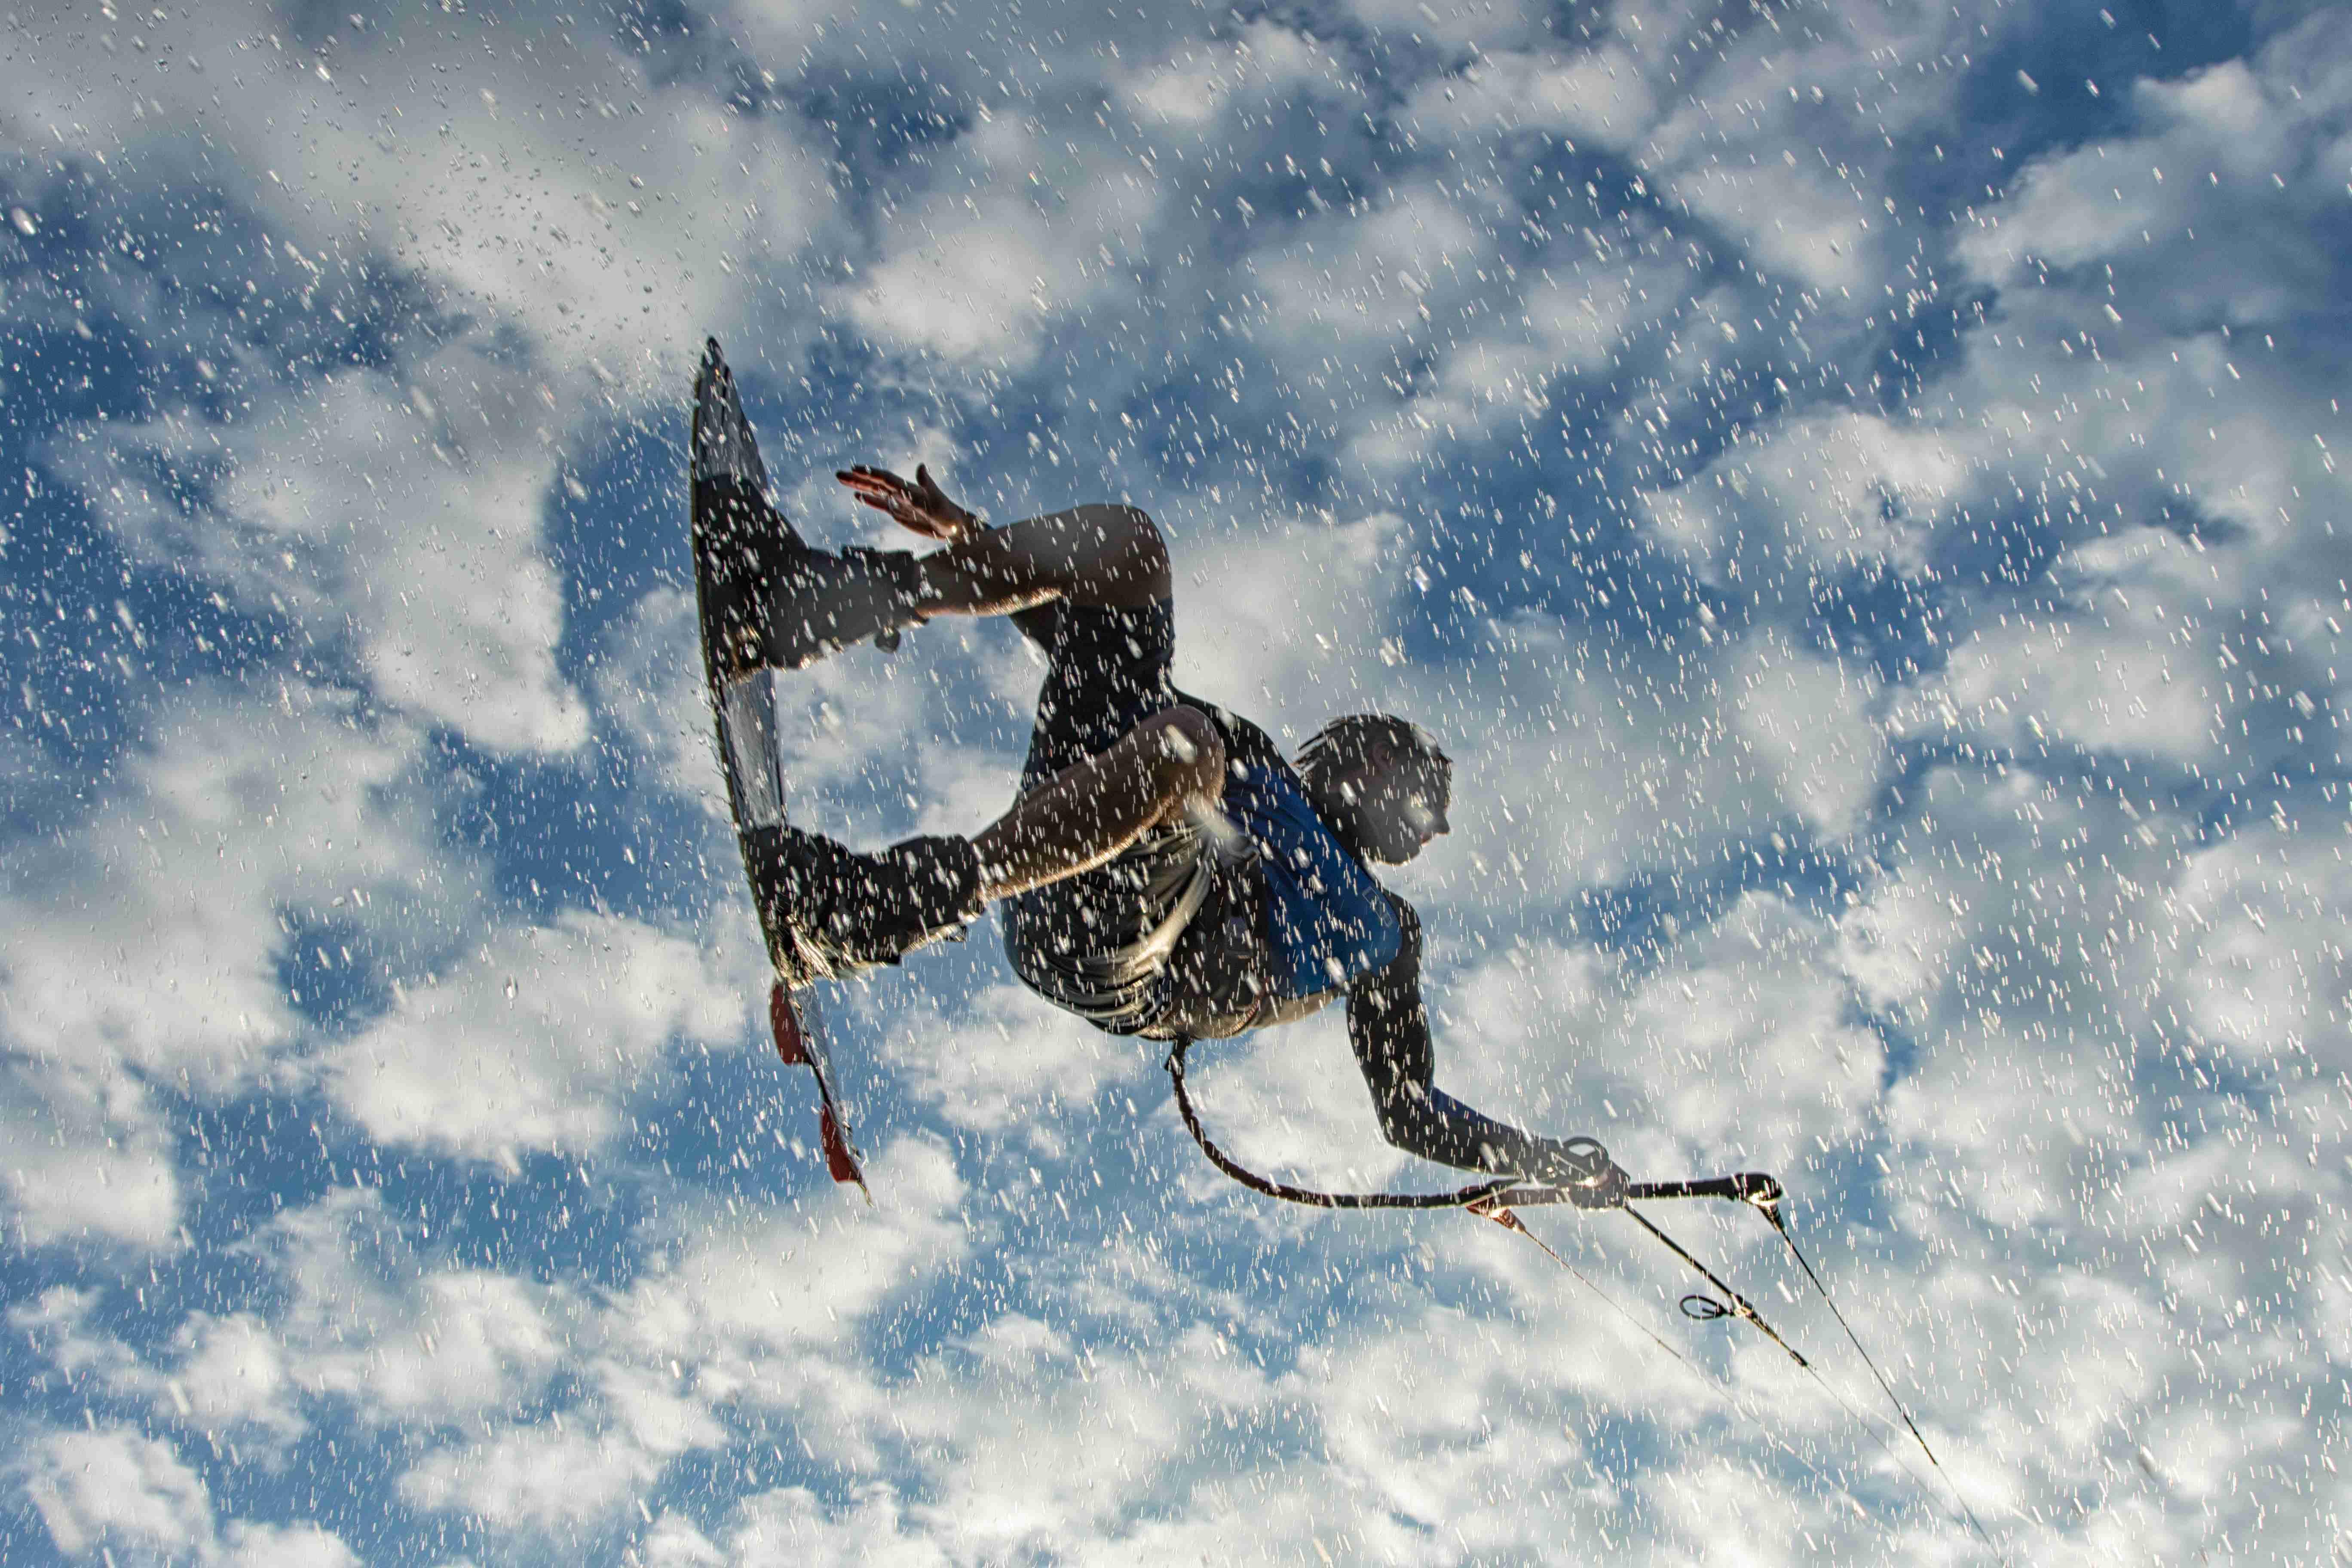 Surf to Fly - nie będziesz potrzebował samolotu aby latać